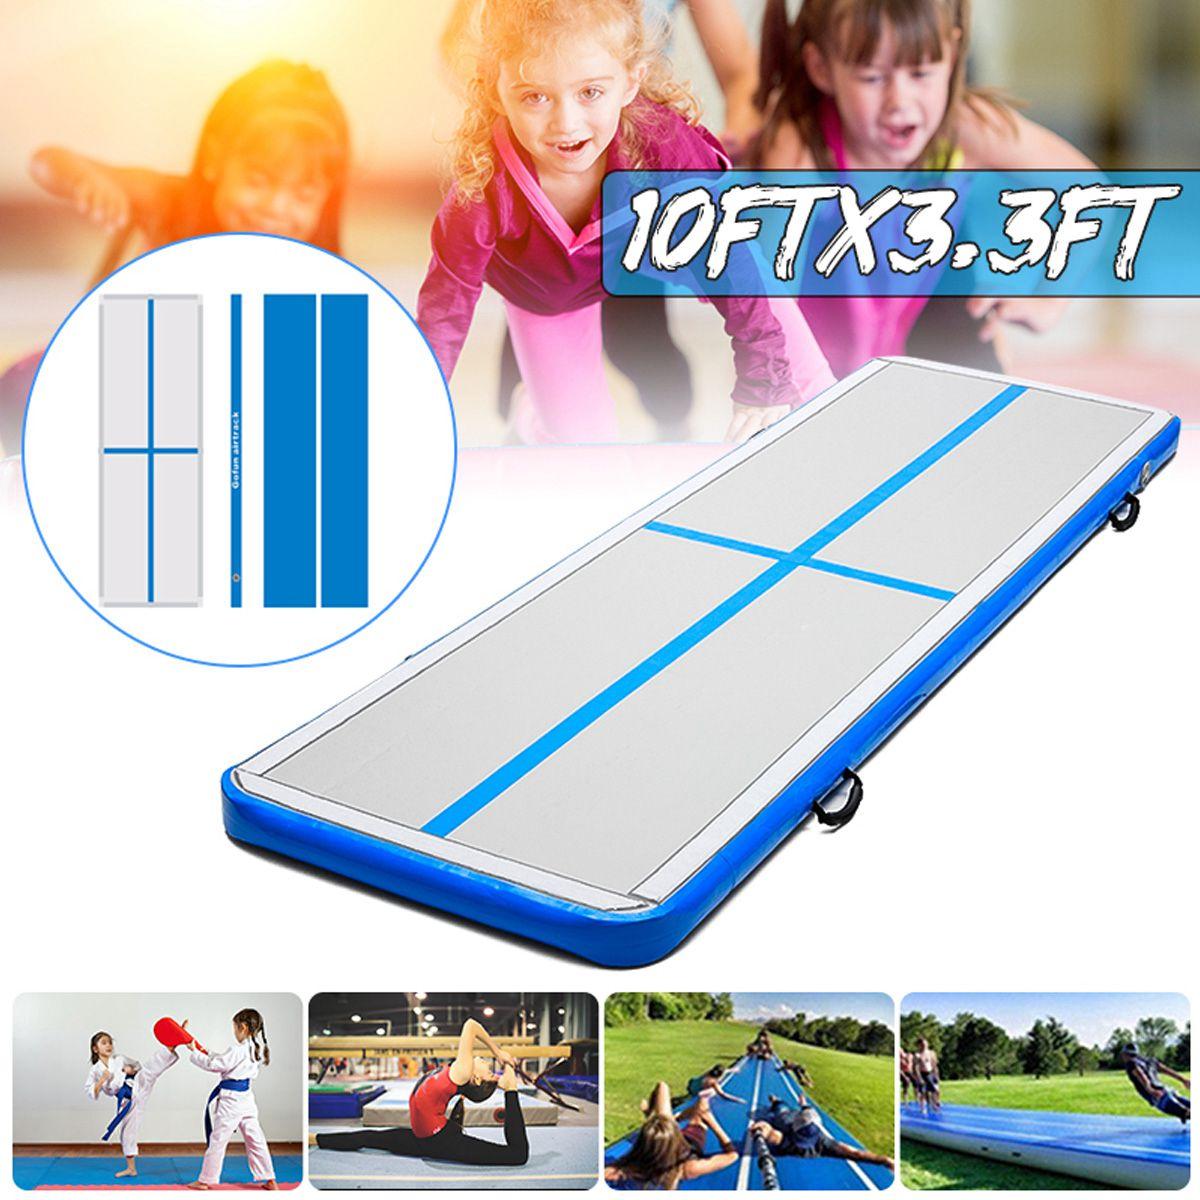 Inflatable Air Tumbling Track Gymnastics Mats Training Board Equipment Air FloorInflatable Air Tumbling Track Gymnastics Mats Training Board Equipment Air Floor